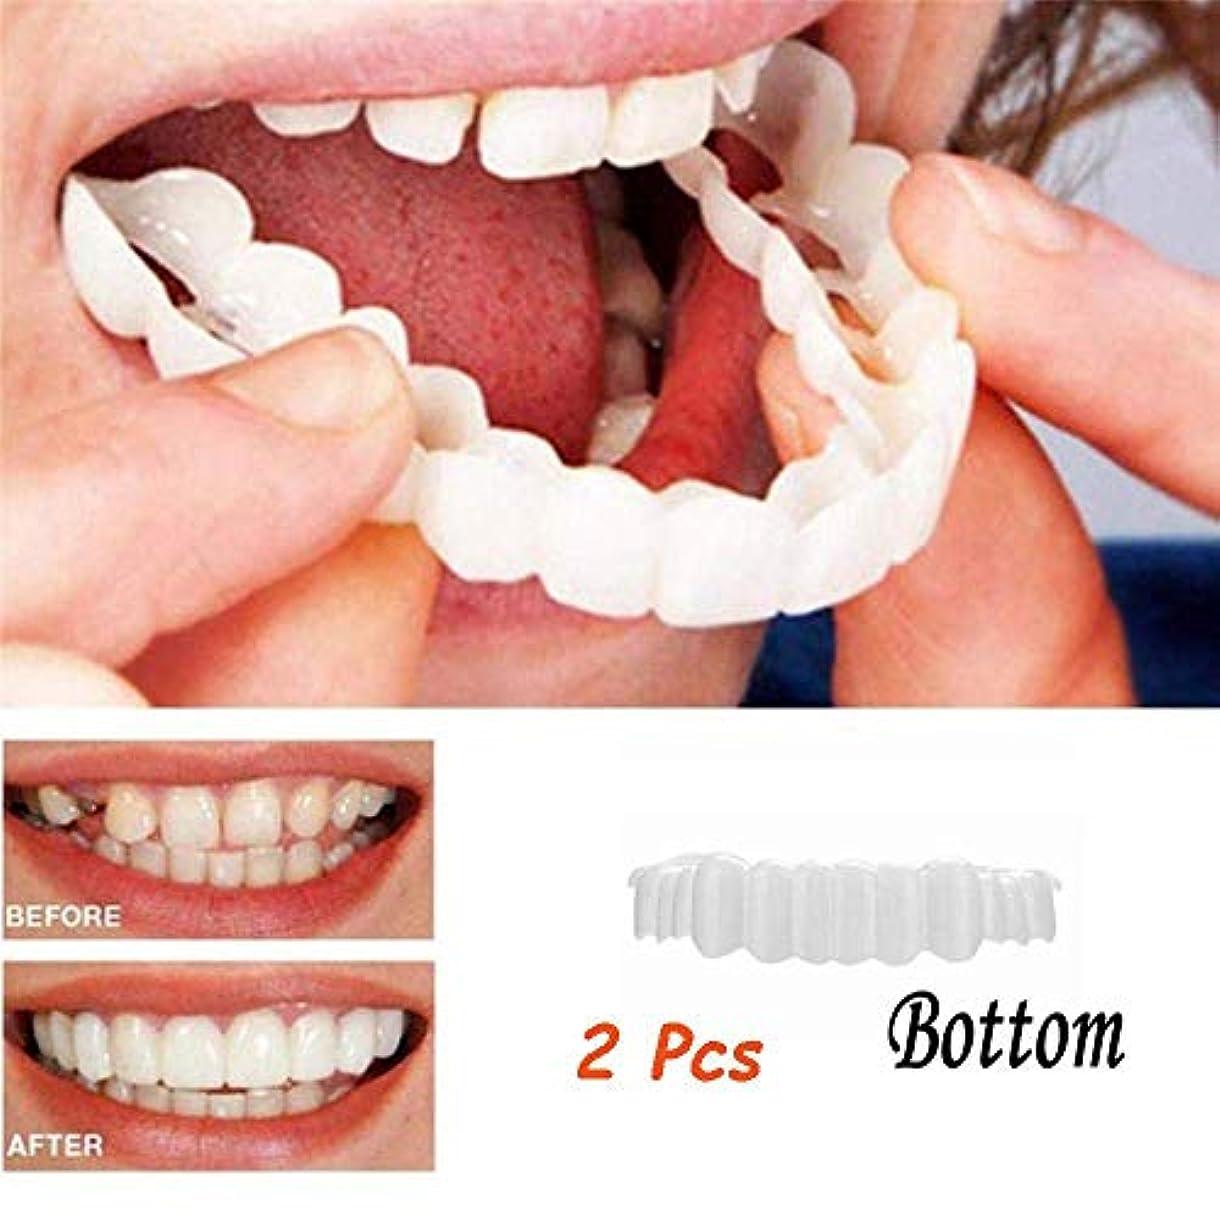 遮る霧かご2ピースコンフォートフィットフレックス化粧品歯義歯歯底化粧品突き板ホワイトニングスナップオン笑顔歯快適な偽のベニヤカバー